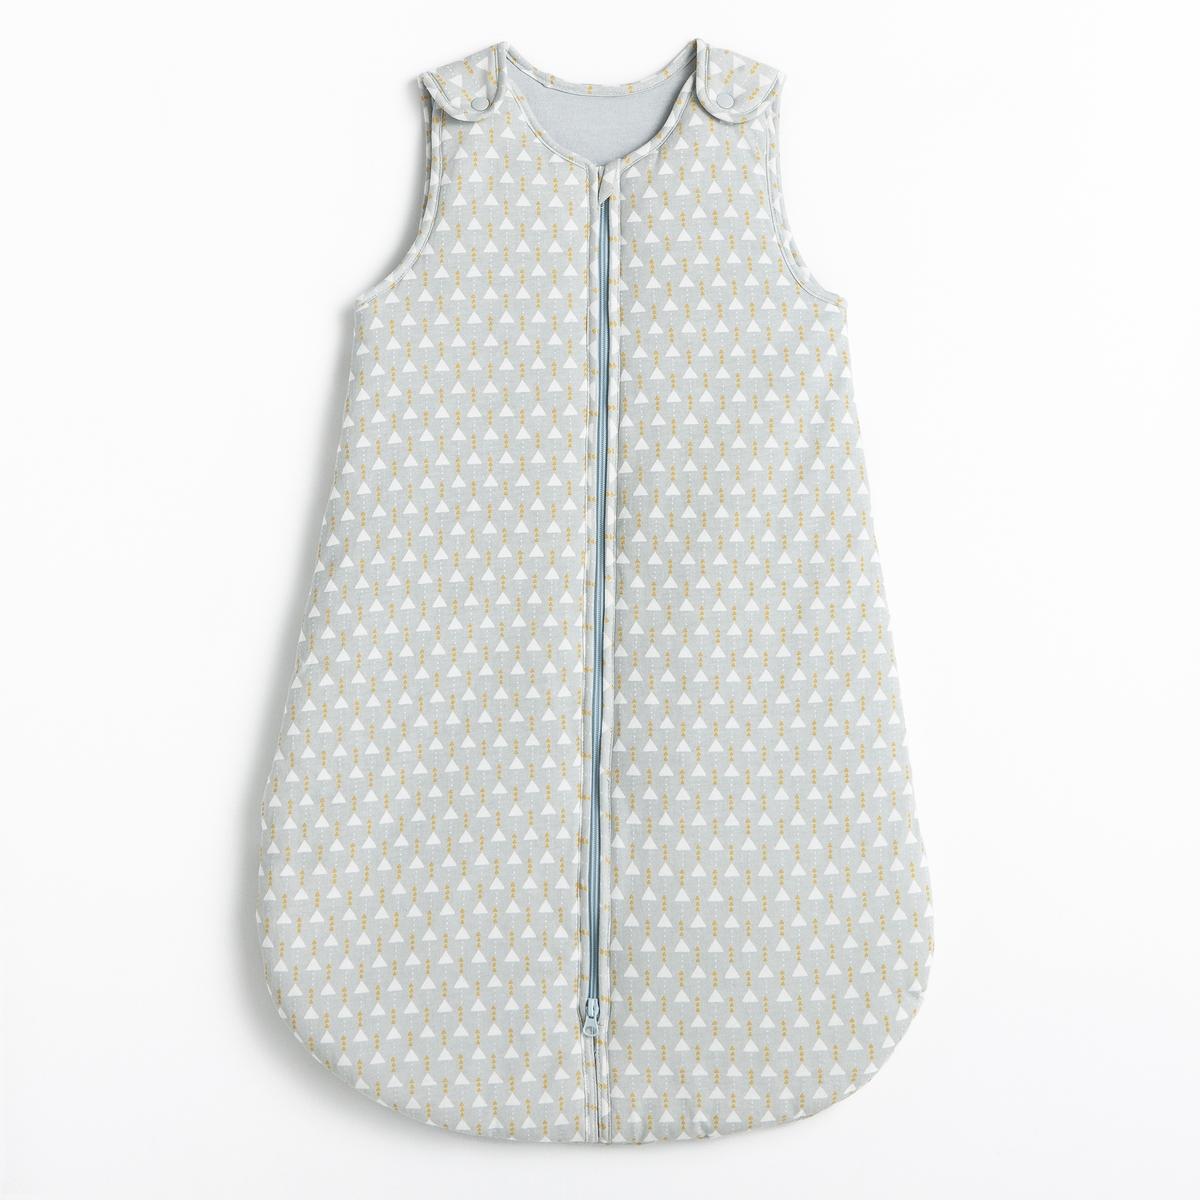 Конверт теплый для новорожденного с рисунком треугольник из хлопка